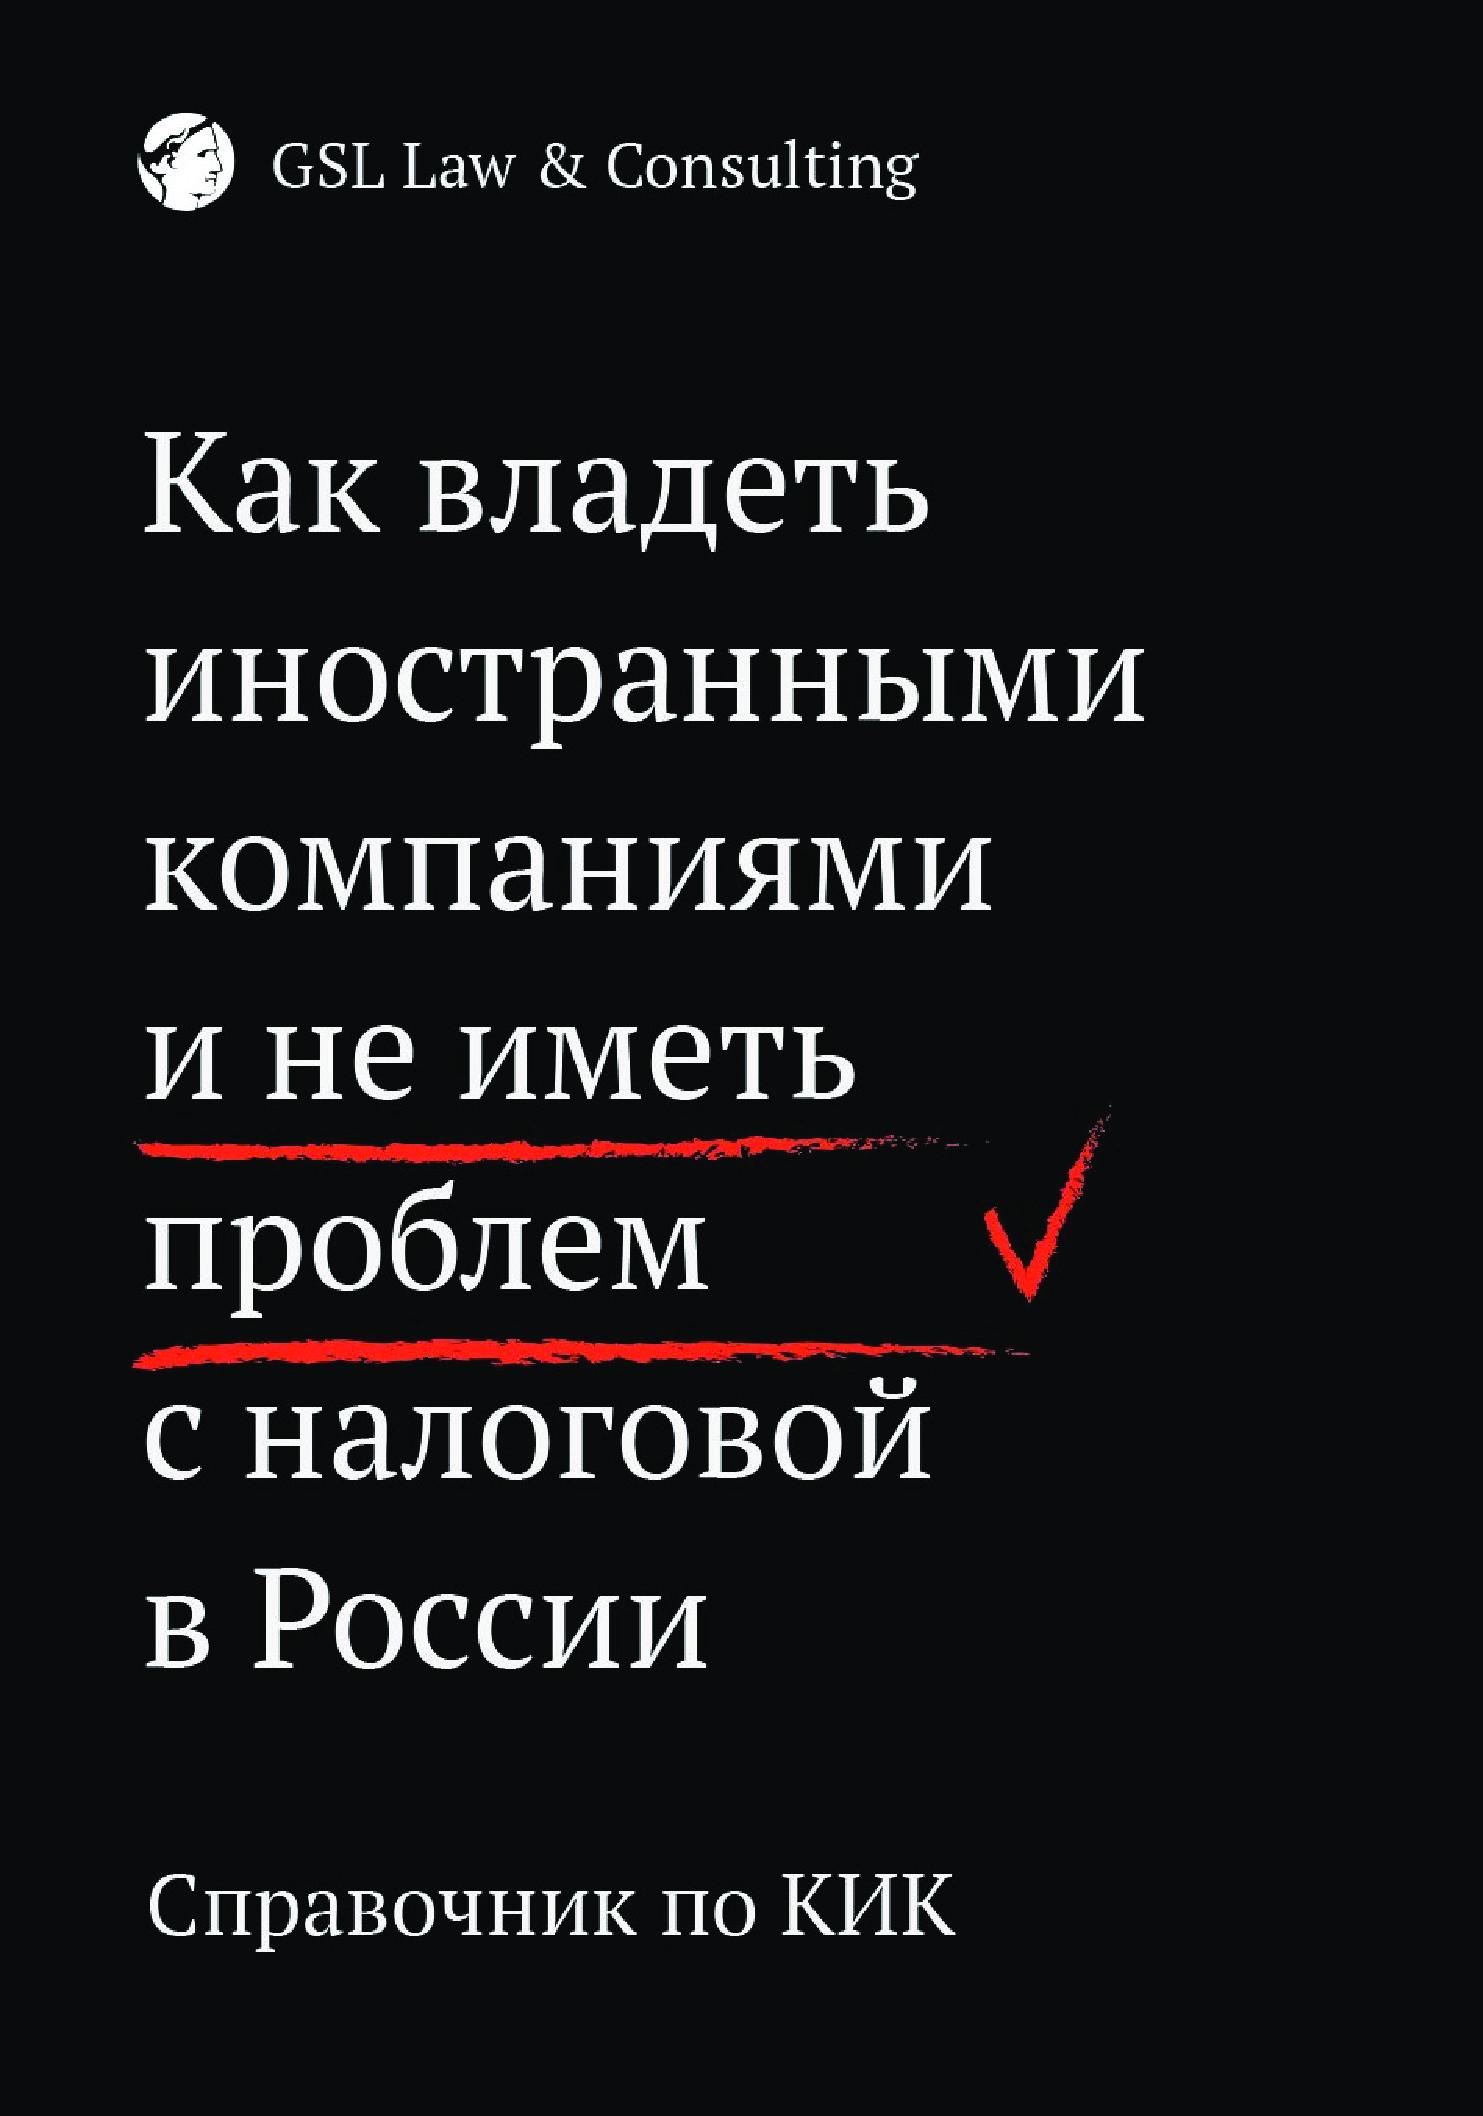 Обложка книги «Справочник по КИК: Как владеть иностранными компаниями и не иметь проблем с налоговой в России.»